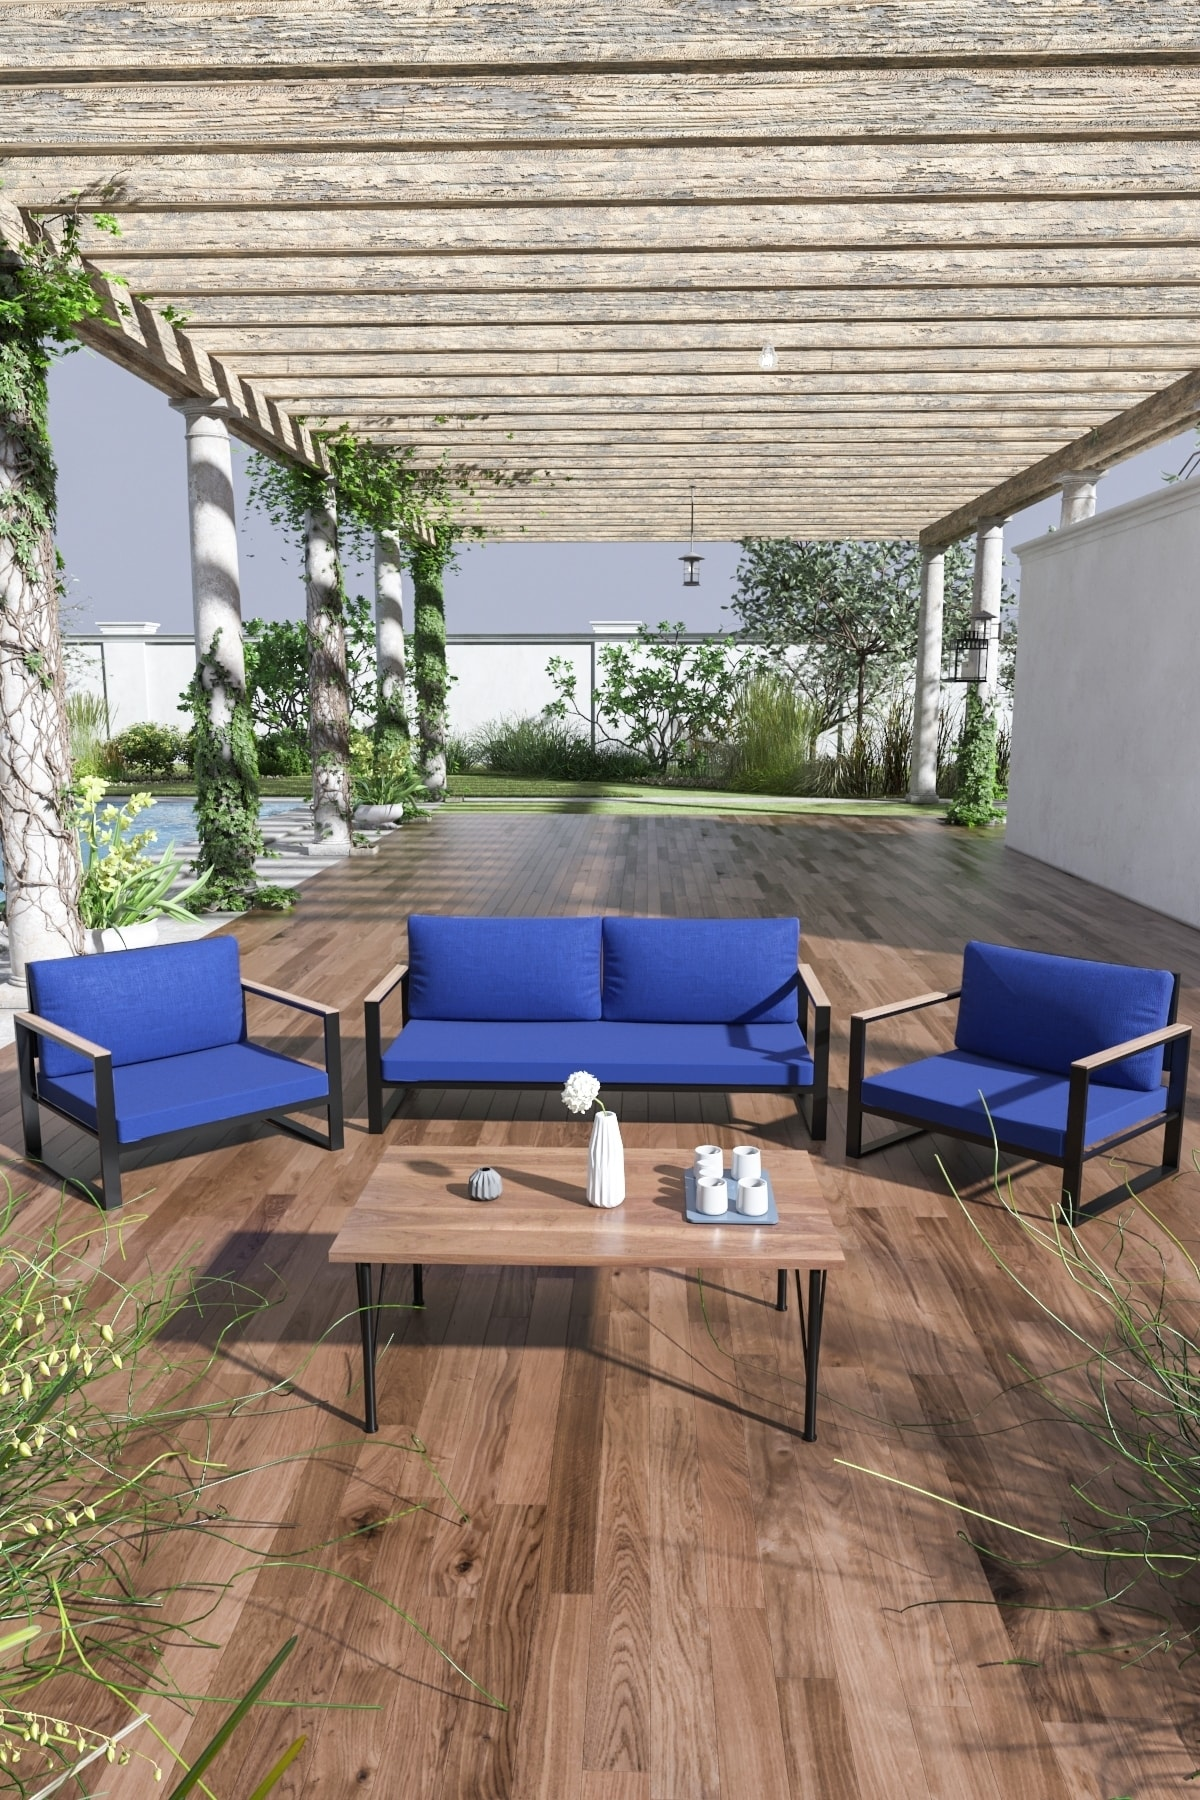 Evdemo Kobalt Bahçe Balkon Oturma Takımı Sehpalı 2+1+1 Mavi 1